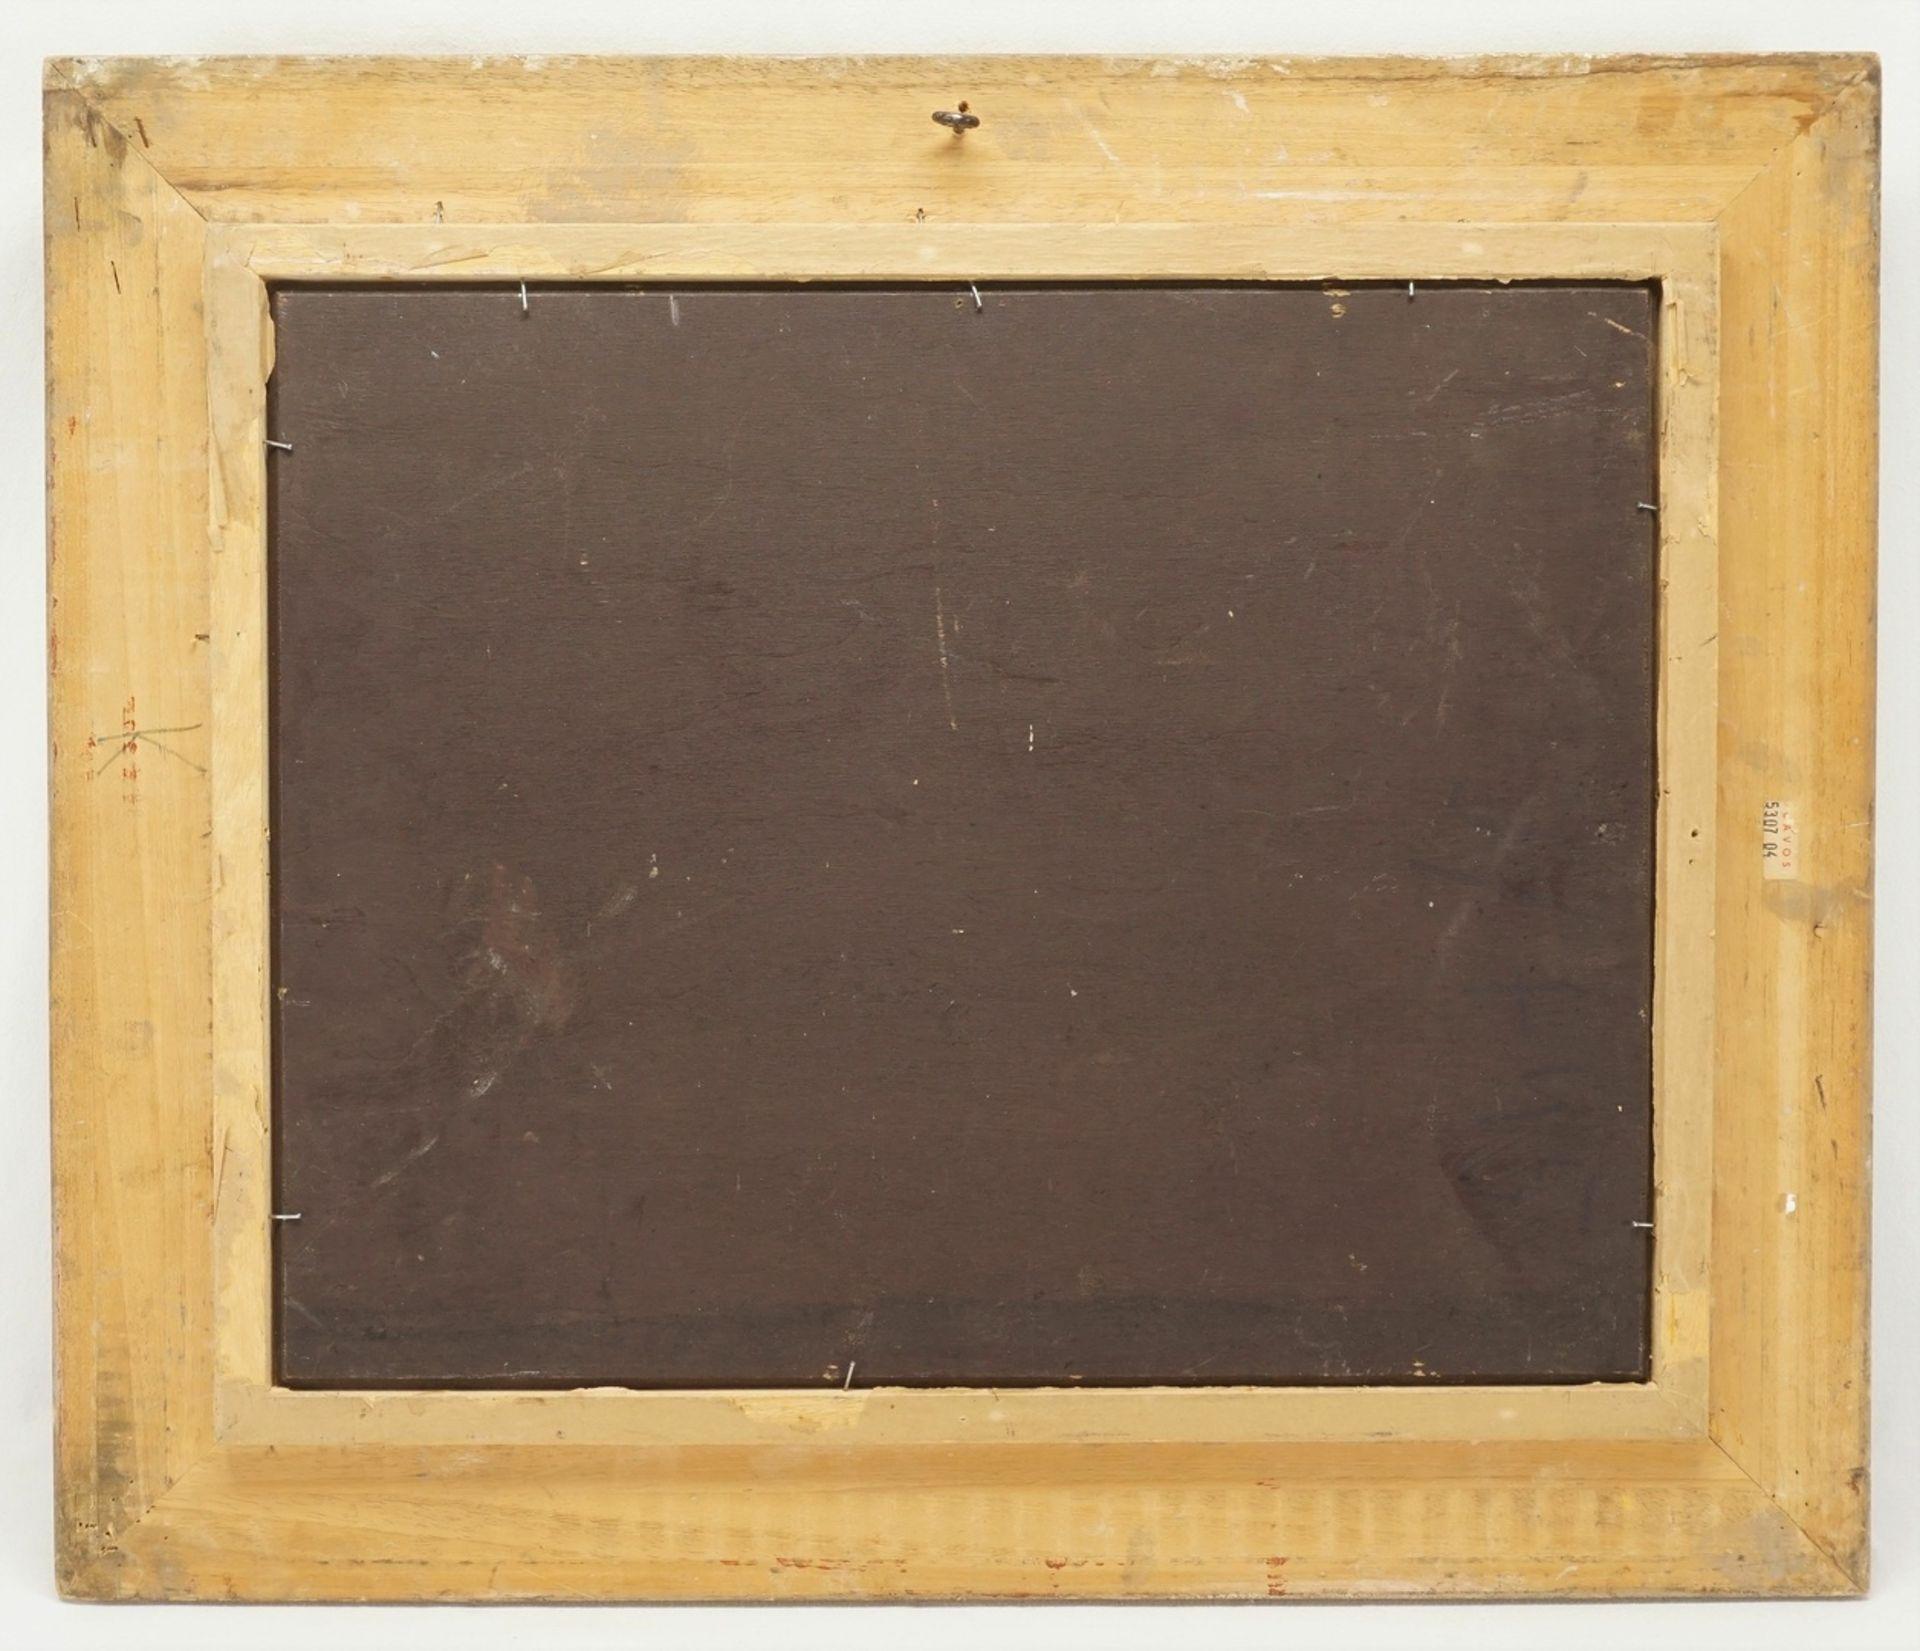 Motivisch nach David Teniers der Jüngere, Wirthausrunde - Bild 3 aus 3